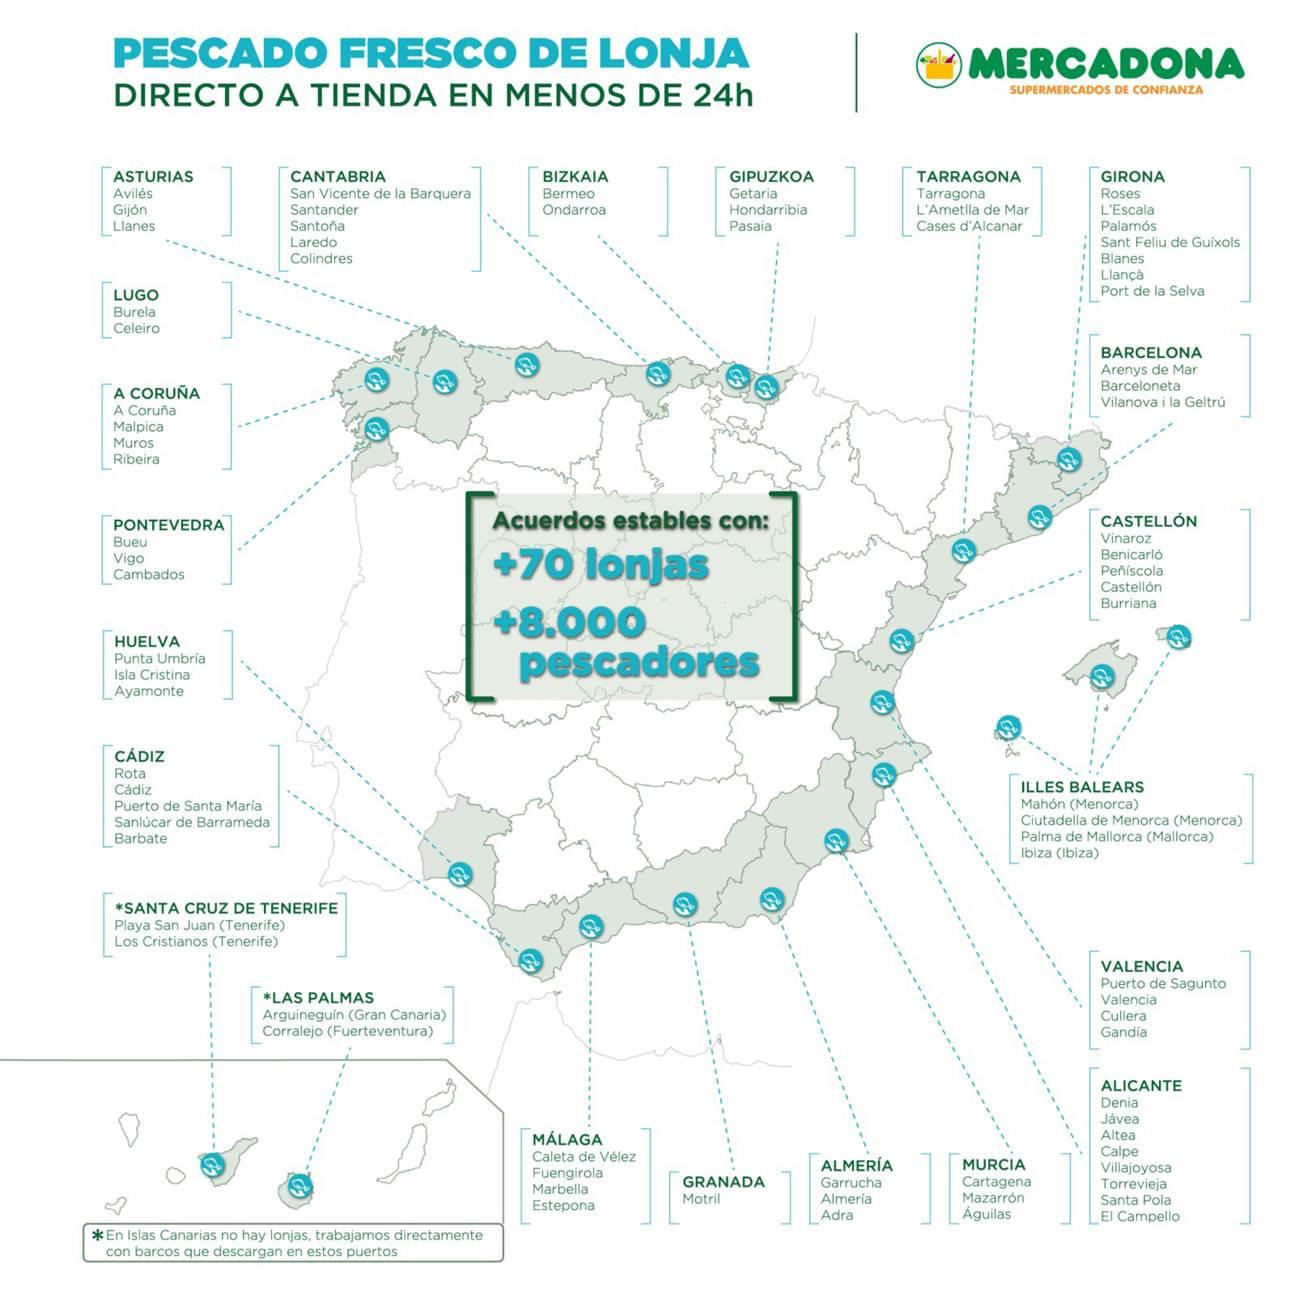 Mercadona Mantiene Acuerdos Estables Con Lonjas Y Pescadores De